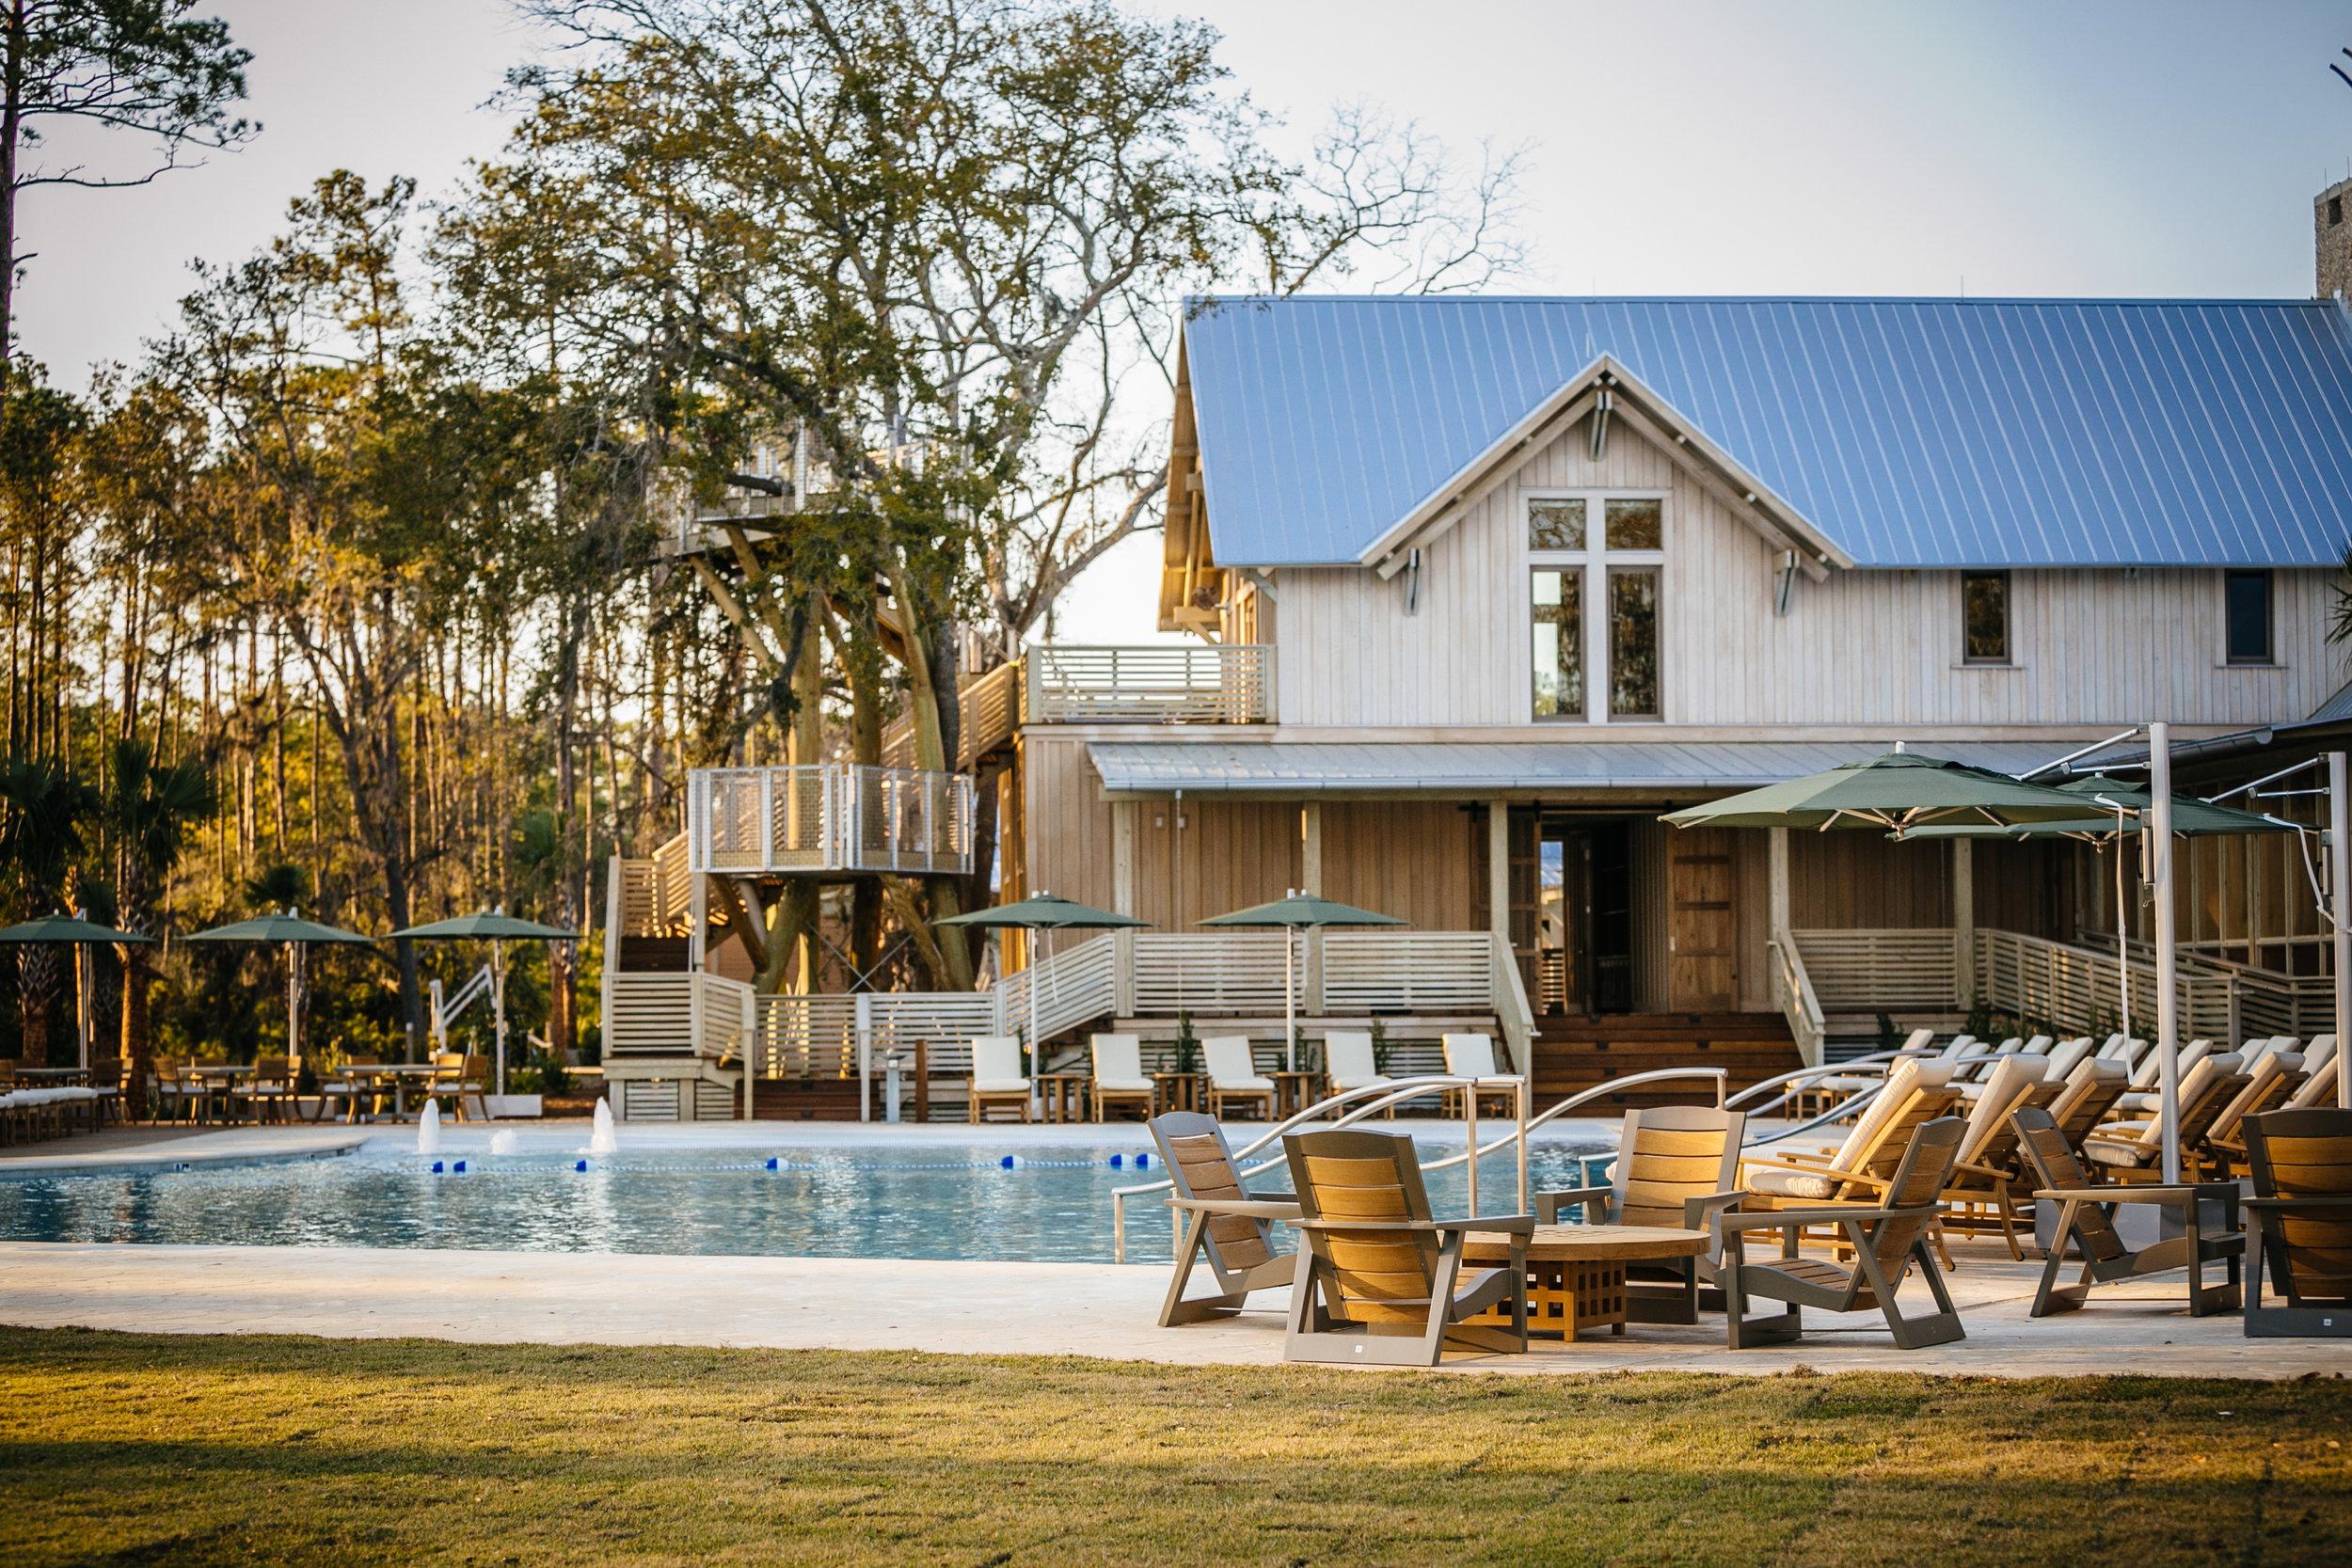 Moreland Village Pool